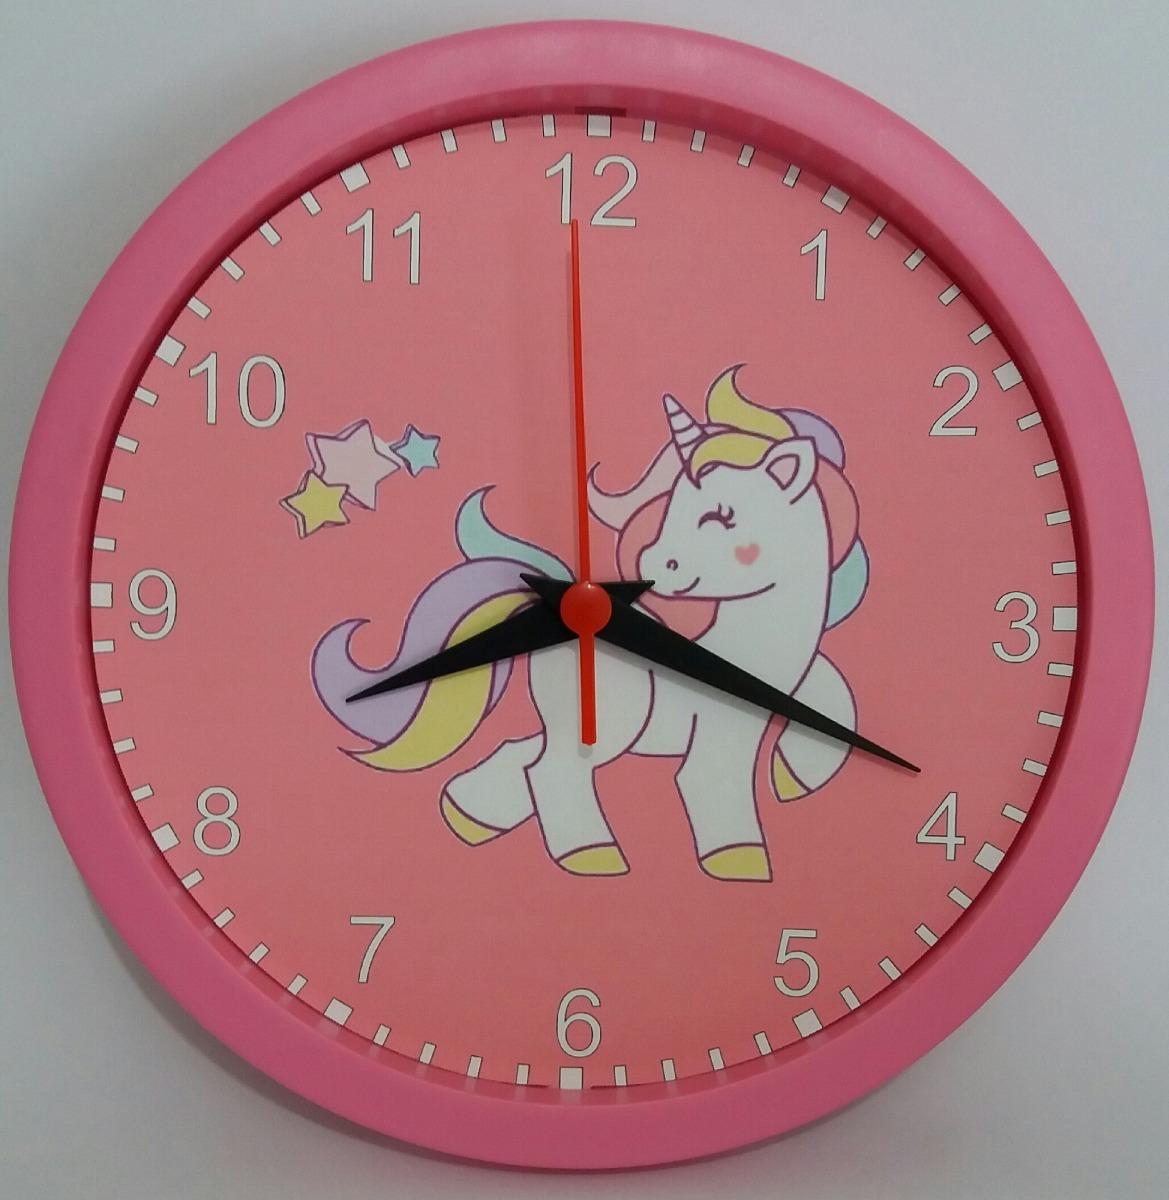 48b460f84e4 Relógio de parede unicórnio desenho infantil jpg 1169x1200 Relogio desenho